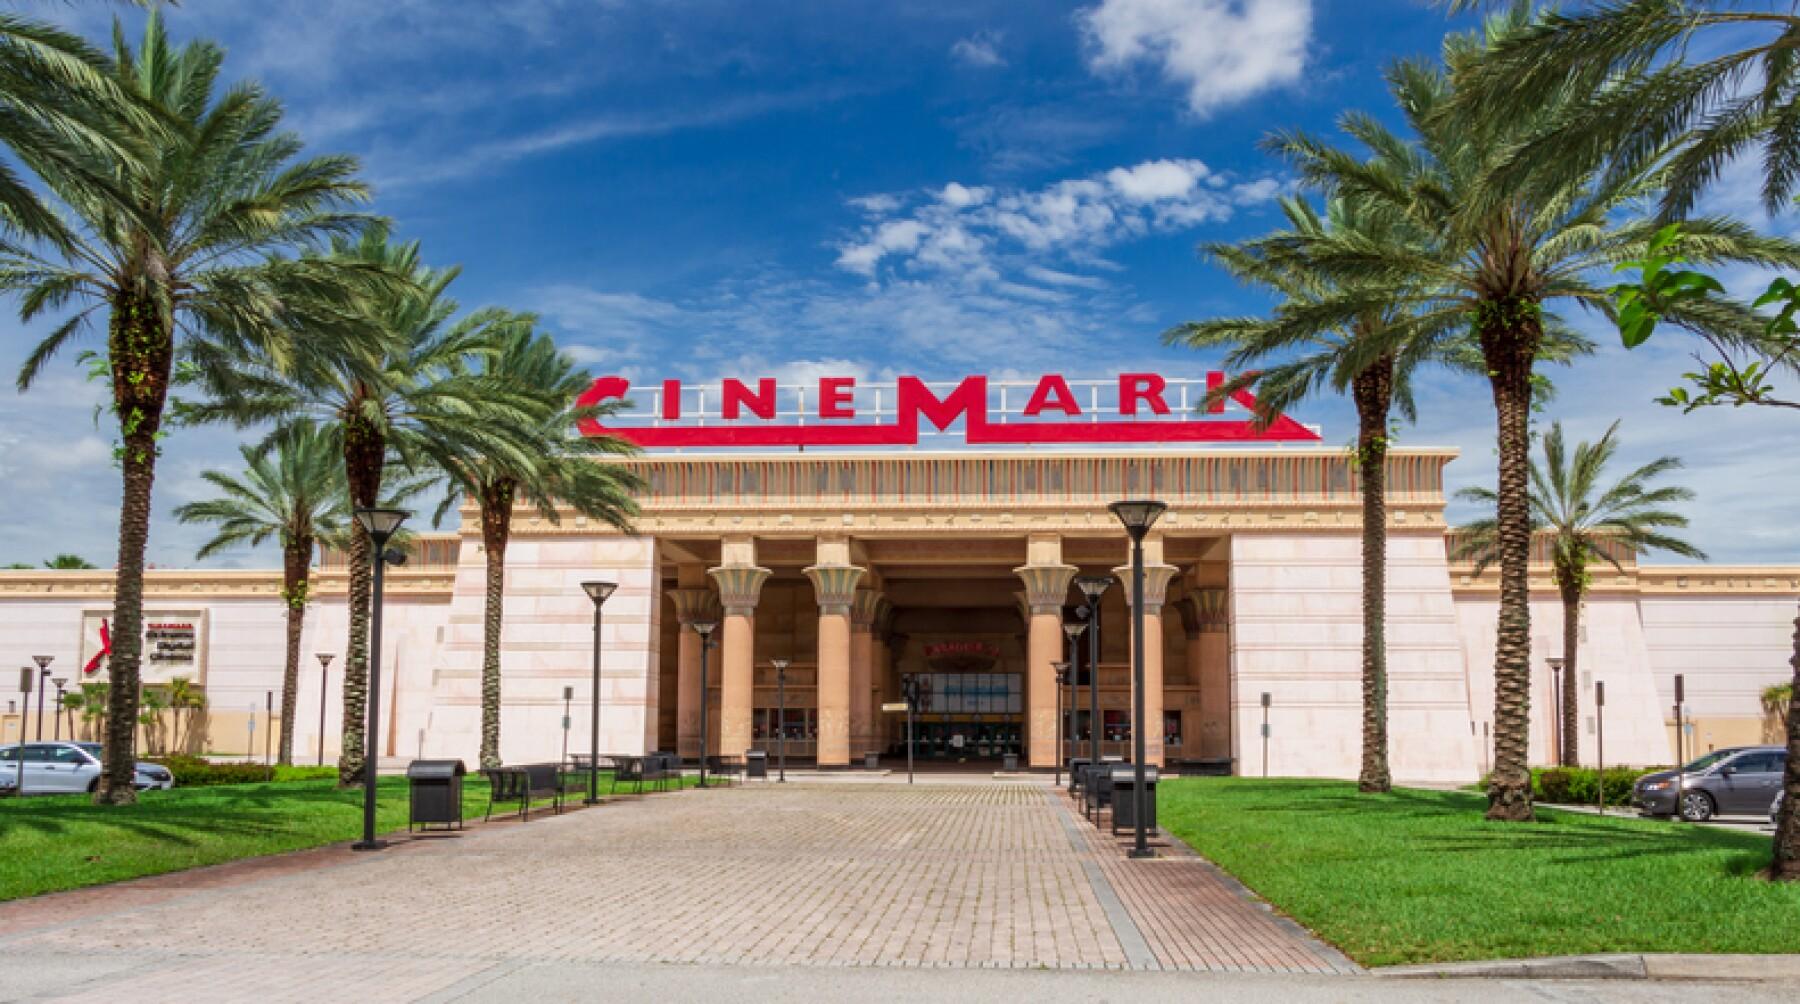 Exterior of Cinemark Paradise 24 movie theater with Egyptian theme - Davie, Florida, USA